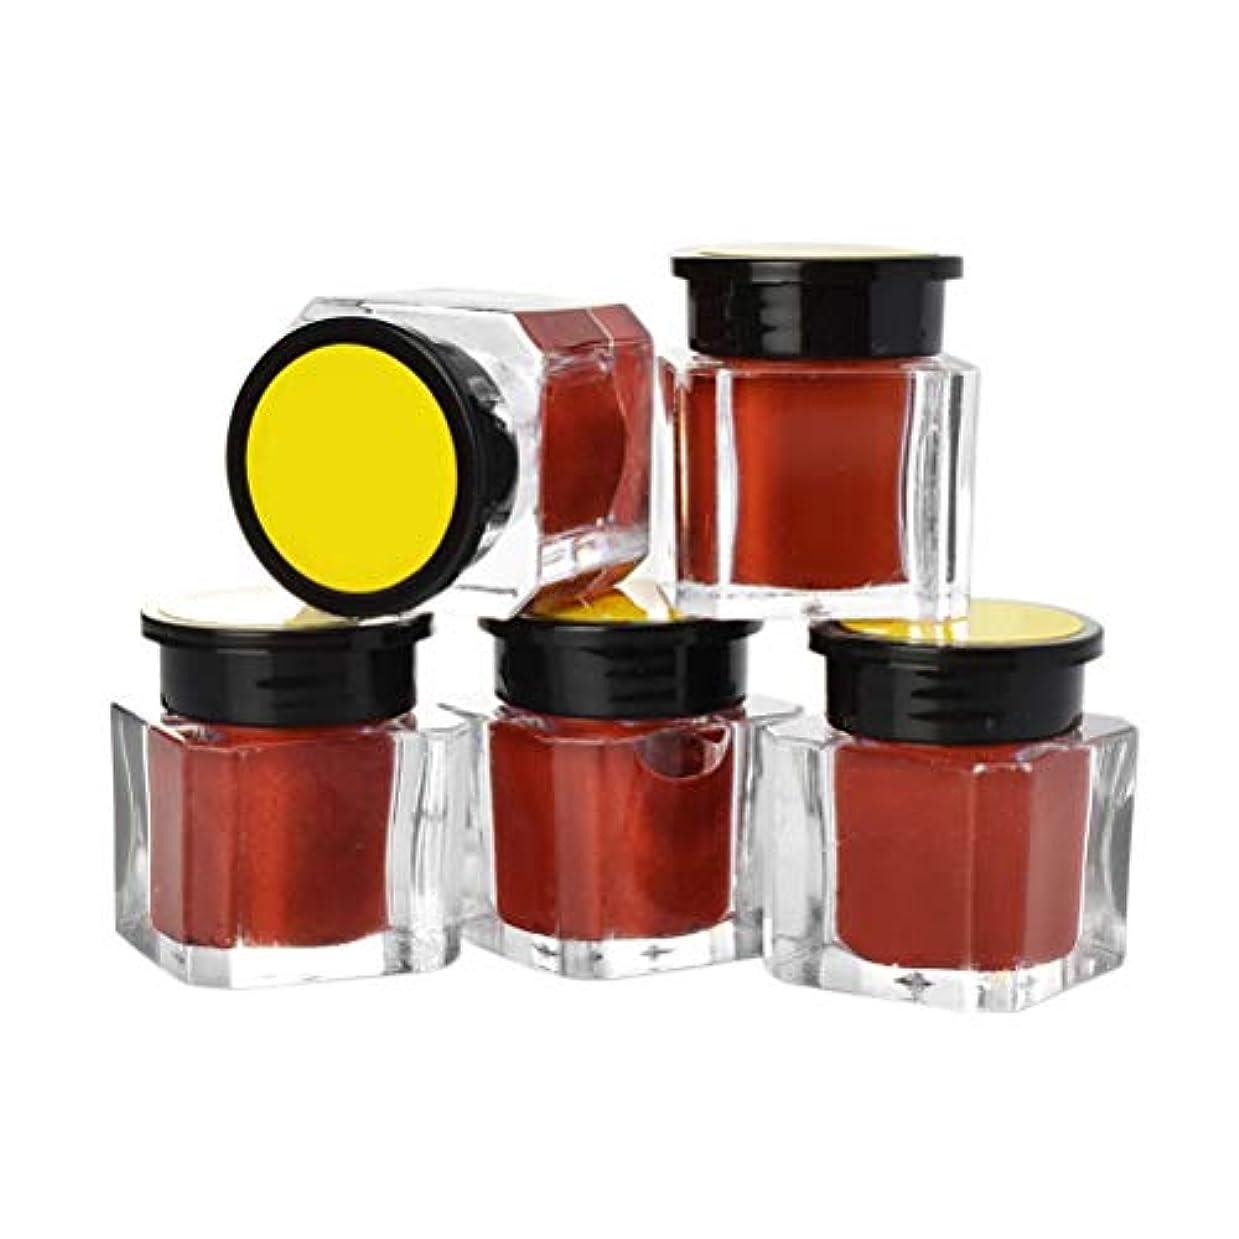 涙コールドウィスキーSUPVOX 5本タトゥー顔料インク眉アイライナーボディーアート塗料マイクロブレード色(コーヒー)